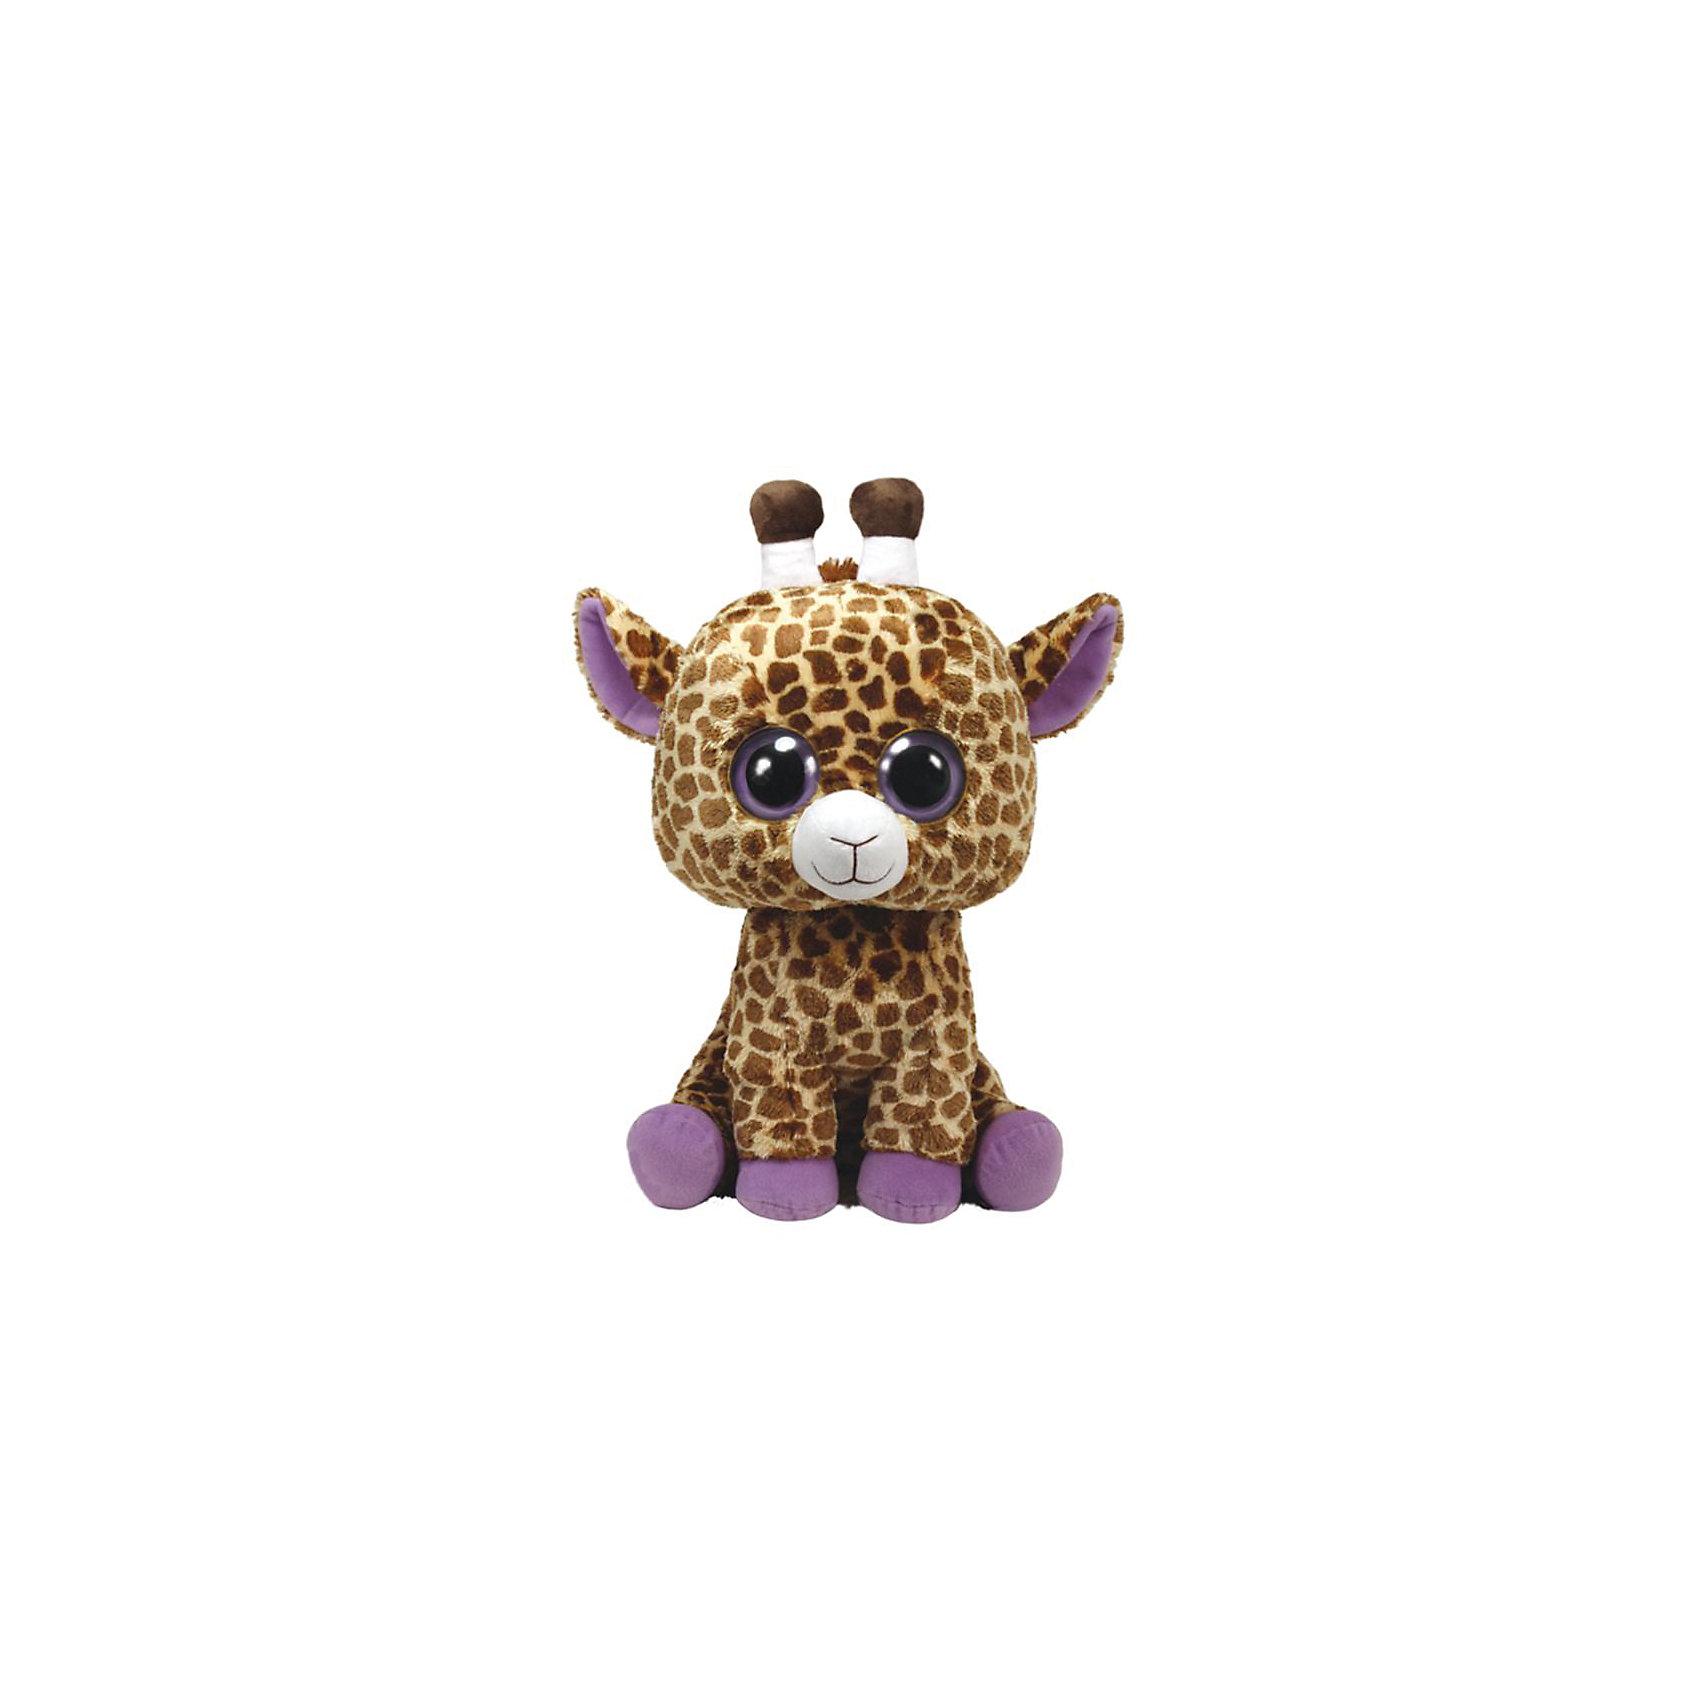 Жираф Safari 40,64 смМягкие игрушки животные<br>Жираф Safari 40,64 см – игрушка от бренда TY Inc (ТАЙ Инкорпорейтед), знаменитого своими мягкими игрушками, в качестве наполнителя для которых используются гранулы. Жираф выполнен из качественного и гипоаллергенного пятнистого текстиля с коротким ворсом , копытца и внутренняя часть ушек – из сиреневого текстиля. Используемые материалы делают игрушку прочной, устойчивой к изменению цвета и формы, ее разрешается стирать.<br>Жираф Safari 40,64 см TY Inc непременно станет любимой игрушкой для вашего ребенка, а уникальный наполнитель будет способствовать  не  только развитию мелкой моторики пальцев, но и оказывать релаксирующее воздействие.<br><br>Дополнительная информация:<br><br>- Вид игр: сюжетно-ролевые игры, интерьерные игрушки, для коллекционирования<br>- Предназначение: для дома<br>- Материал: искусственный мех, пластик, наполнитель ? гранулы<br>- Высота: 40, 64 см<br>- Особенности ухода: разрешается стирка<br>Подробнее:<br><br>• Для детей в возрасте: от 3 лет <br>• Страна производитель: Китай<br>• Торговый бренд: TY Inc <br><br>Жирафа Safari 40,64 см можно купить в нашем интернет-магазине.<br><br>Ширина мм: 399<br>Глубина мм: 240<br>Высота мм: 244<br>Вес г: 752<br>Возраст от месяцев: 12<br>Возраст до месяцев: 60<br>Пол: Унисекс<br>Возраст: Детский<br>SKU: 3147341